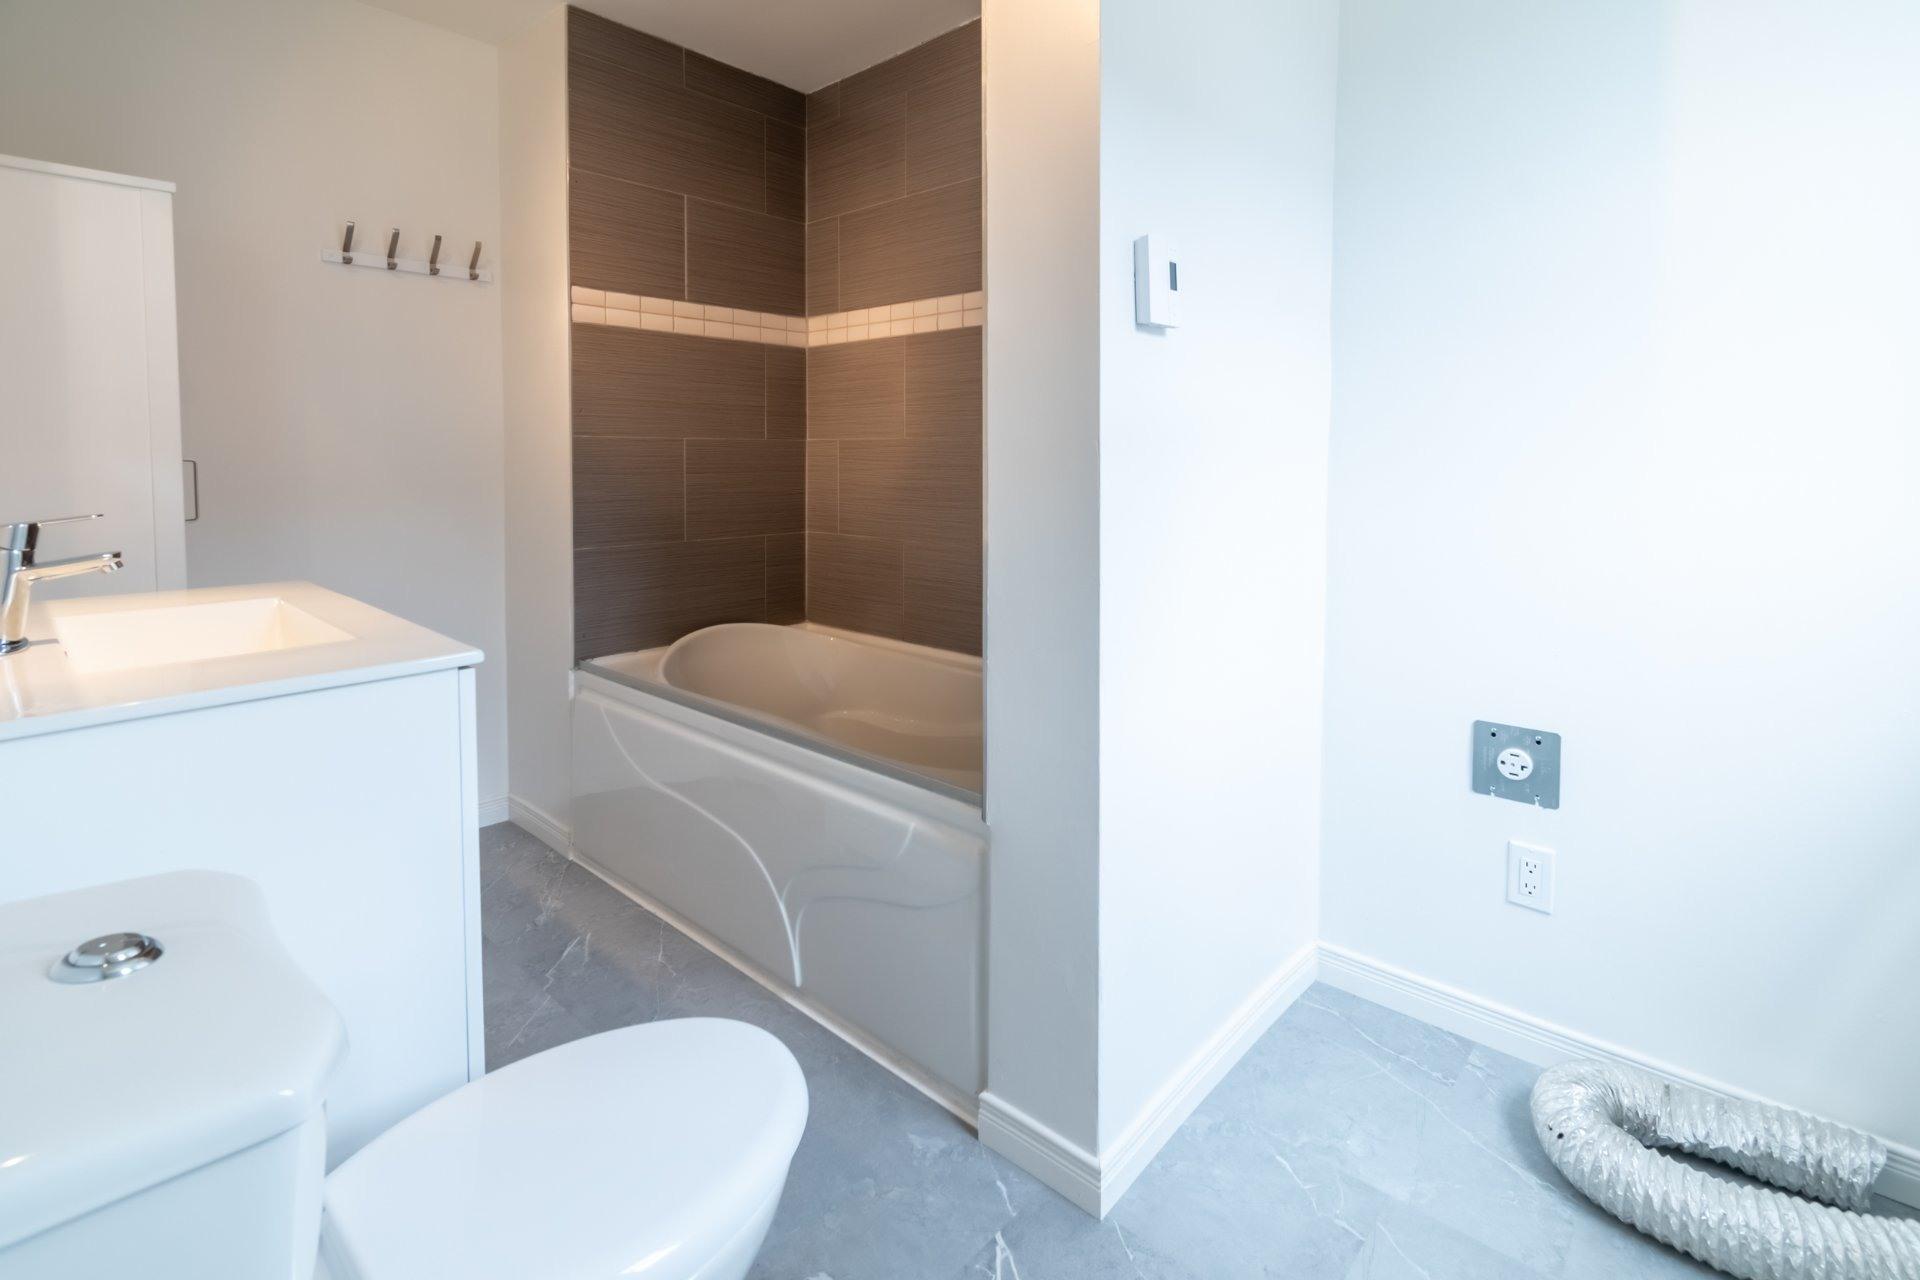 image 20 - Duplex For sale Trois-Rivières - 5 rooms